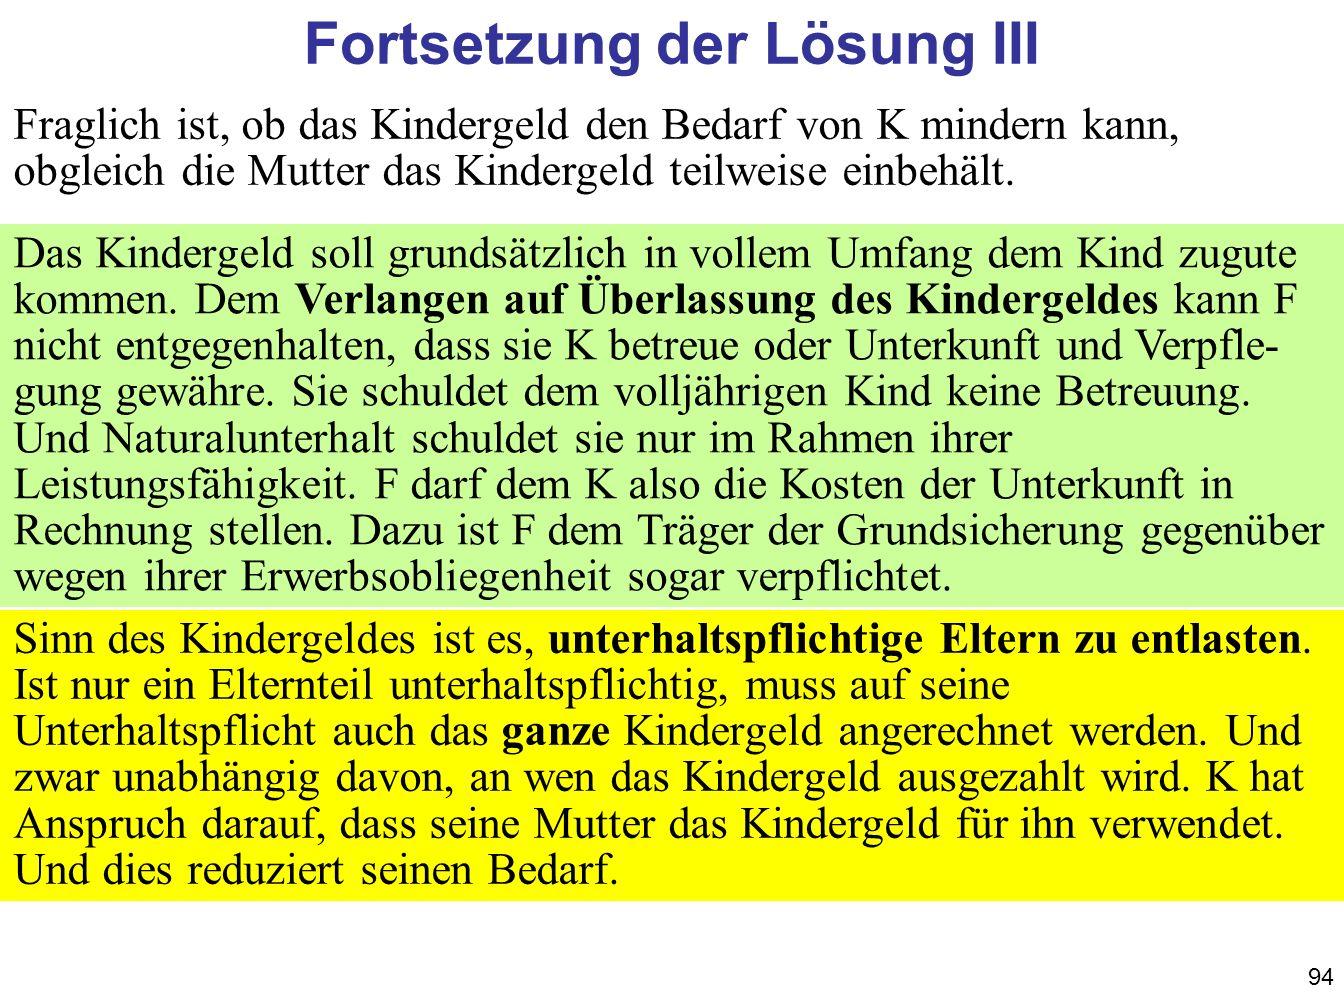 94 Fortsetzung der Lösung III Fraglich ist, ob das Kindergeld den Bedarf von K mindern kann, obgleich die Mutter das Kindergeld teilweise einbehält. D